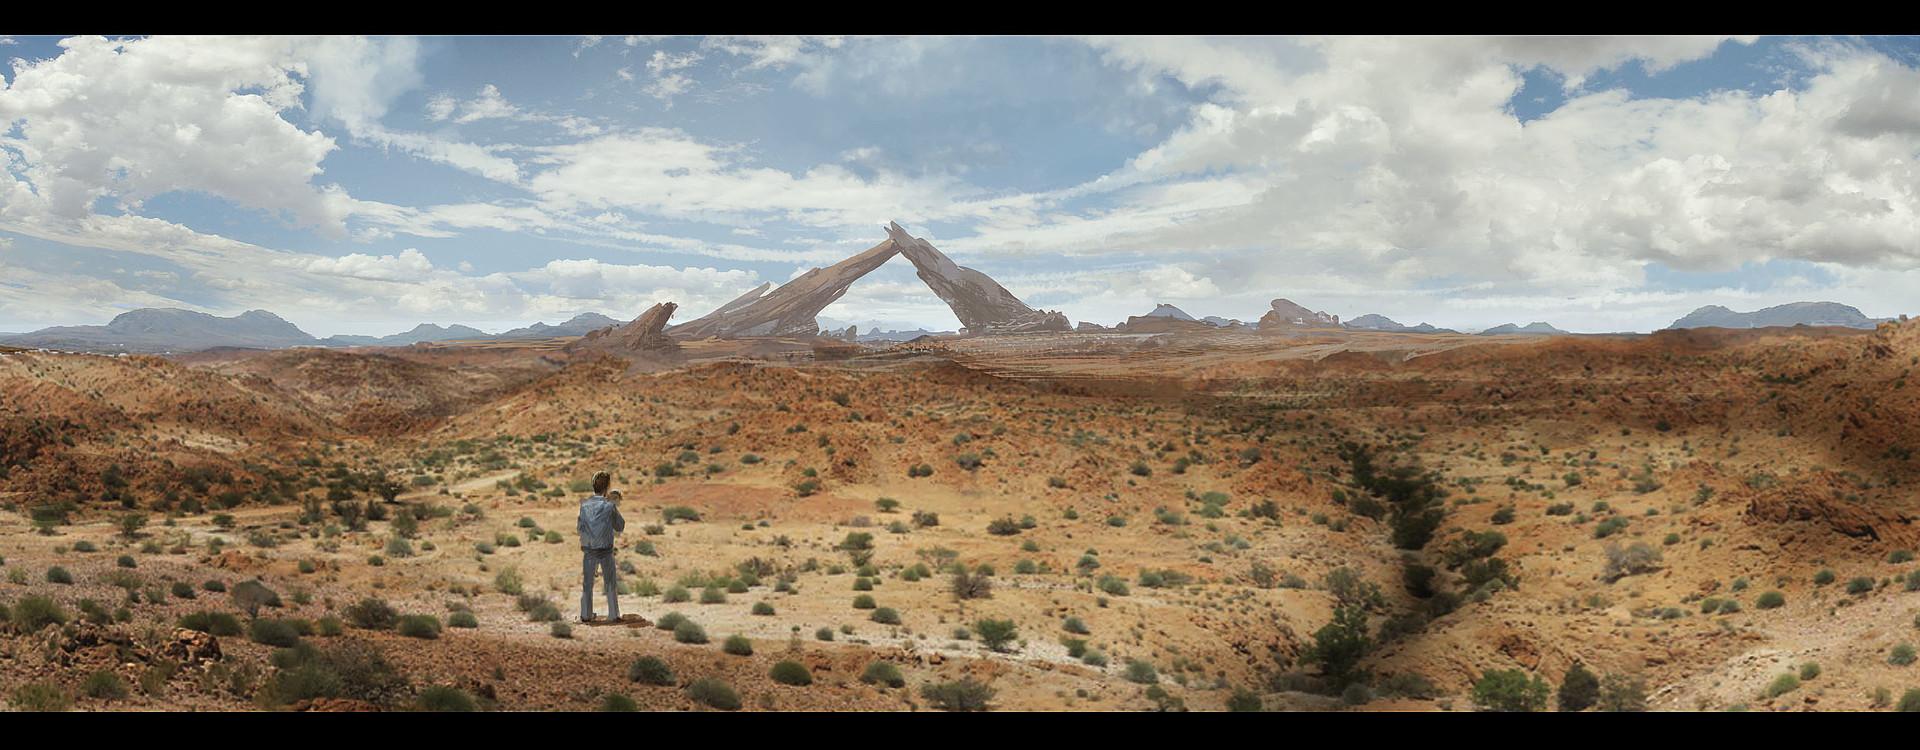 Daniel clarke rock arch